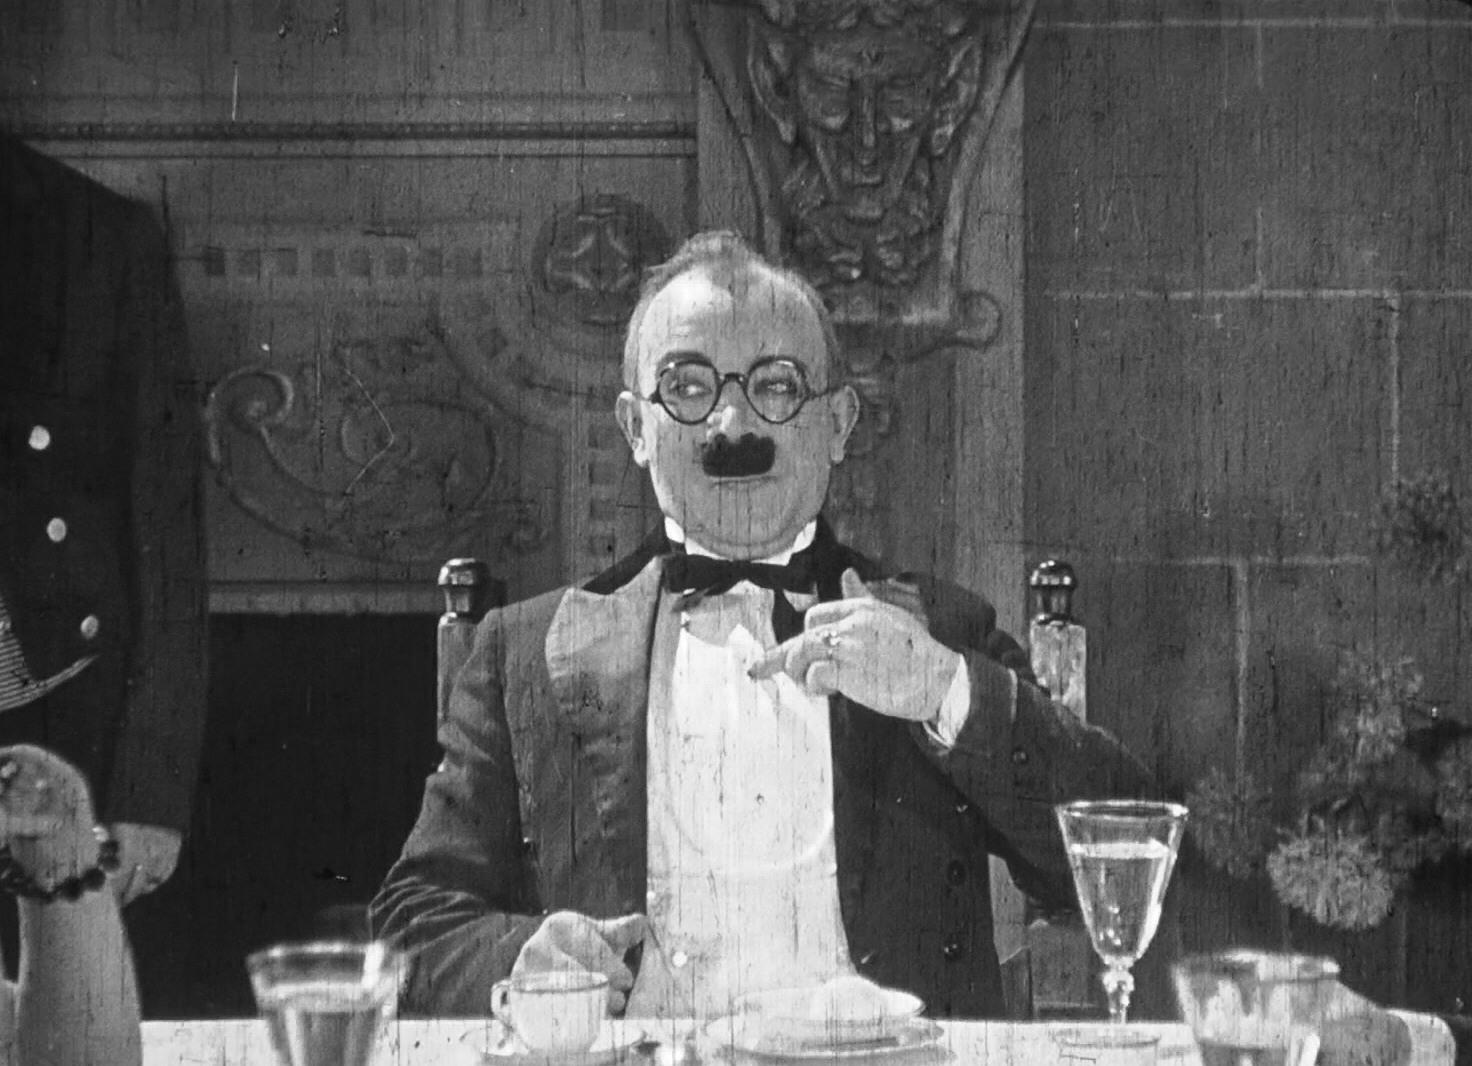 Barney Hellum in Hotsy-Totsy (1925)